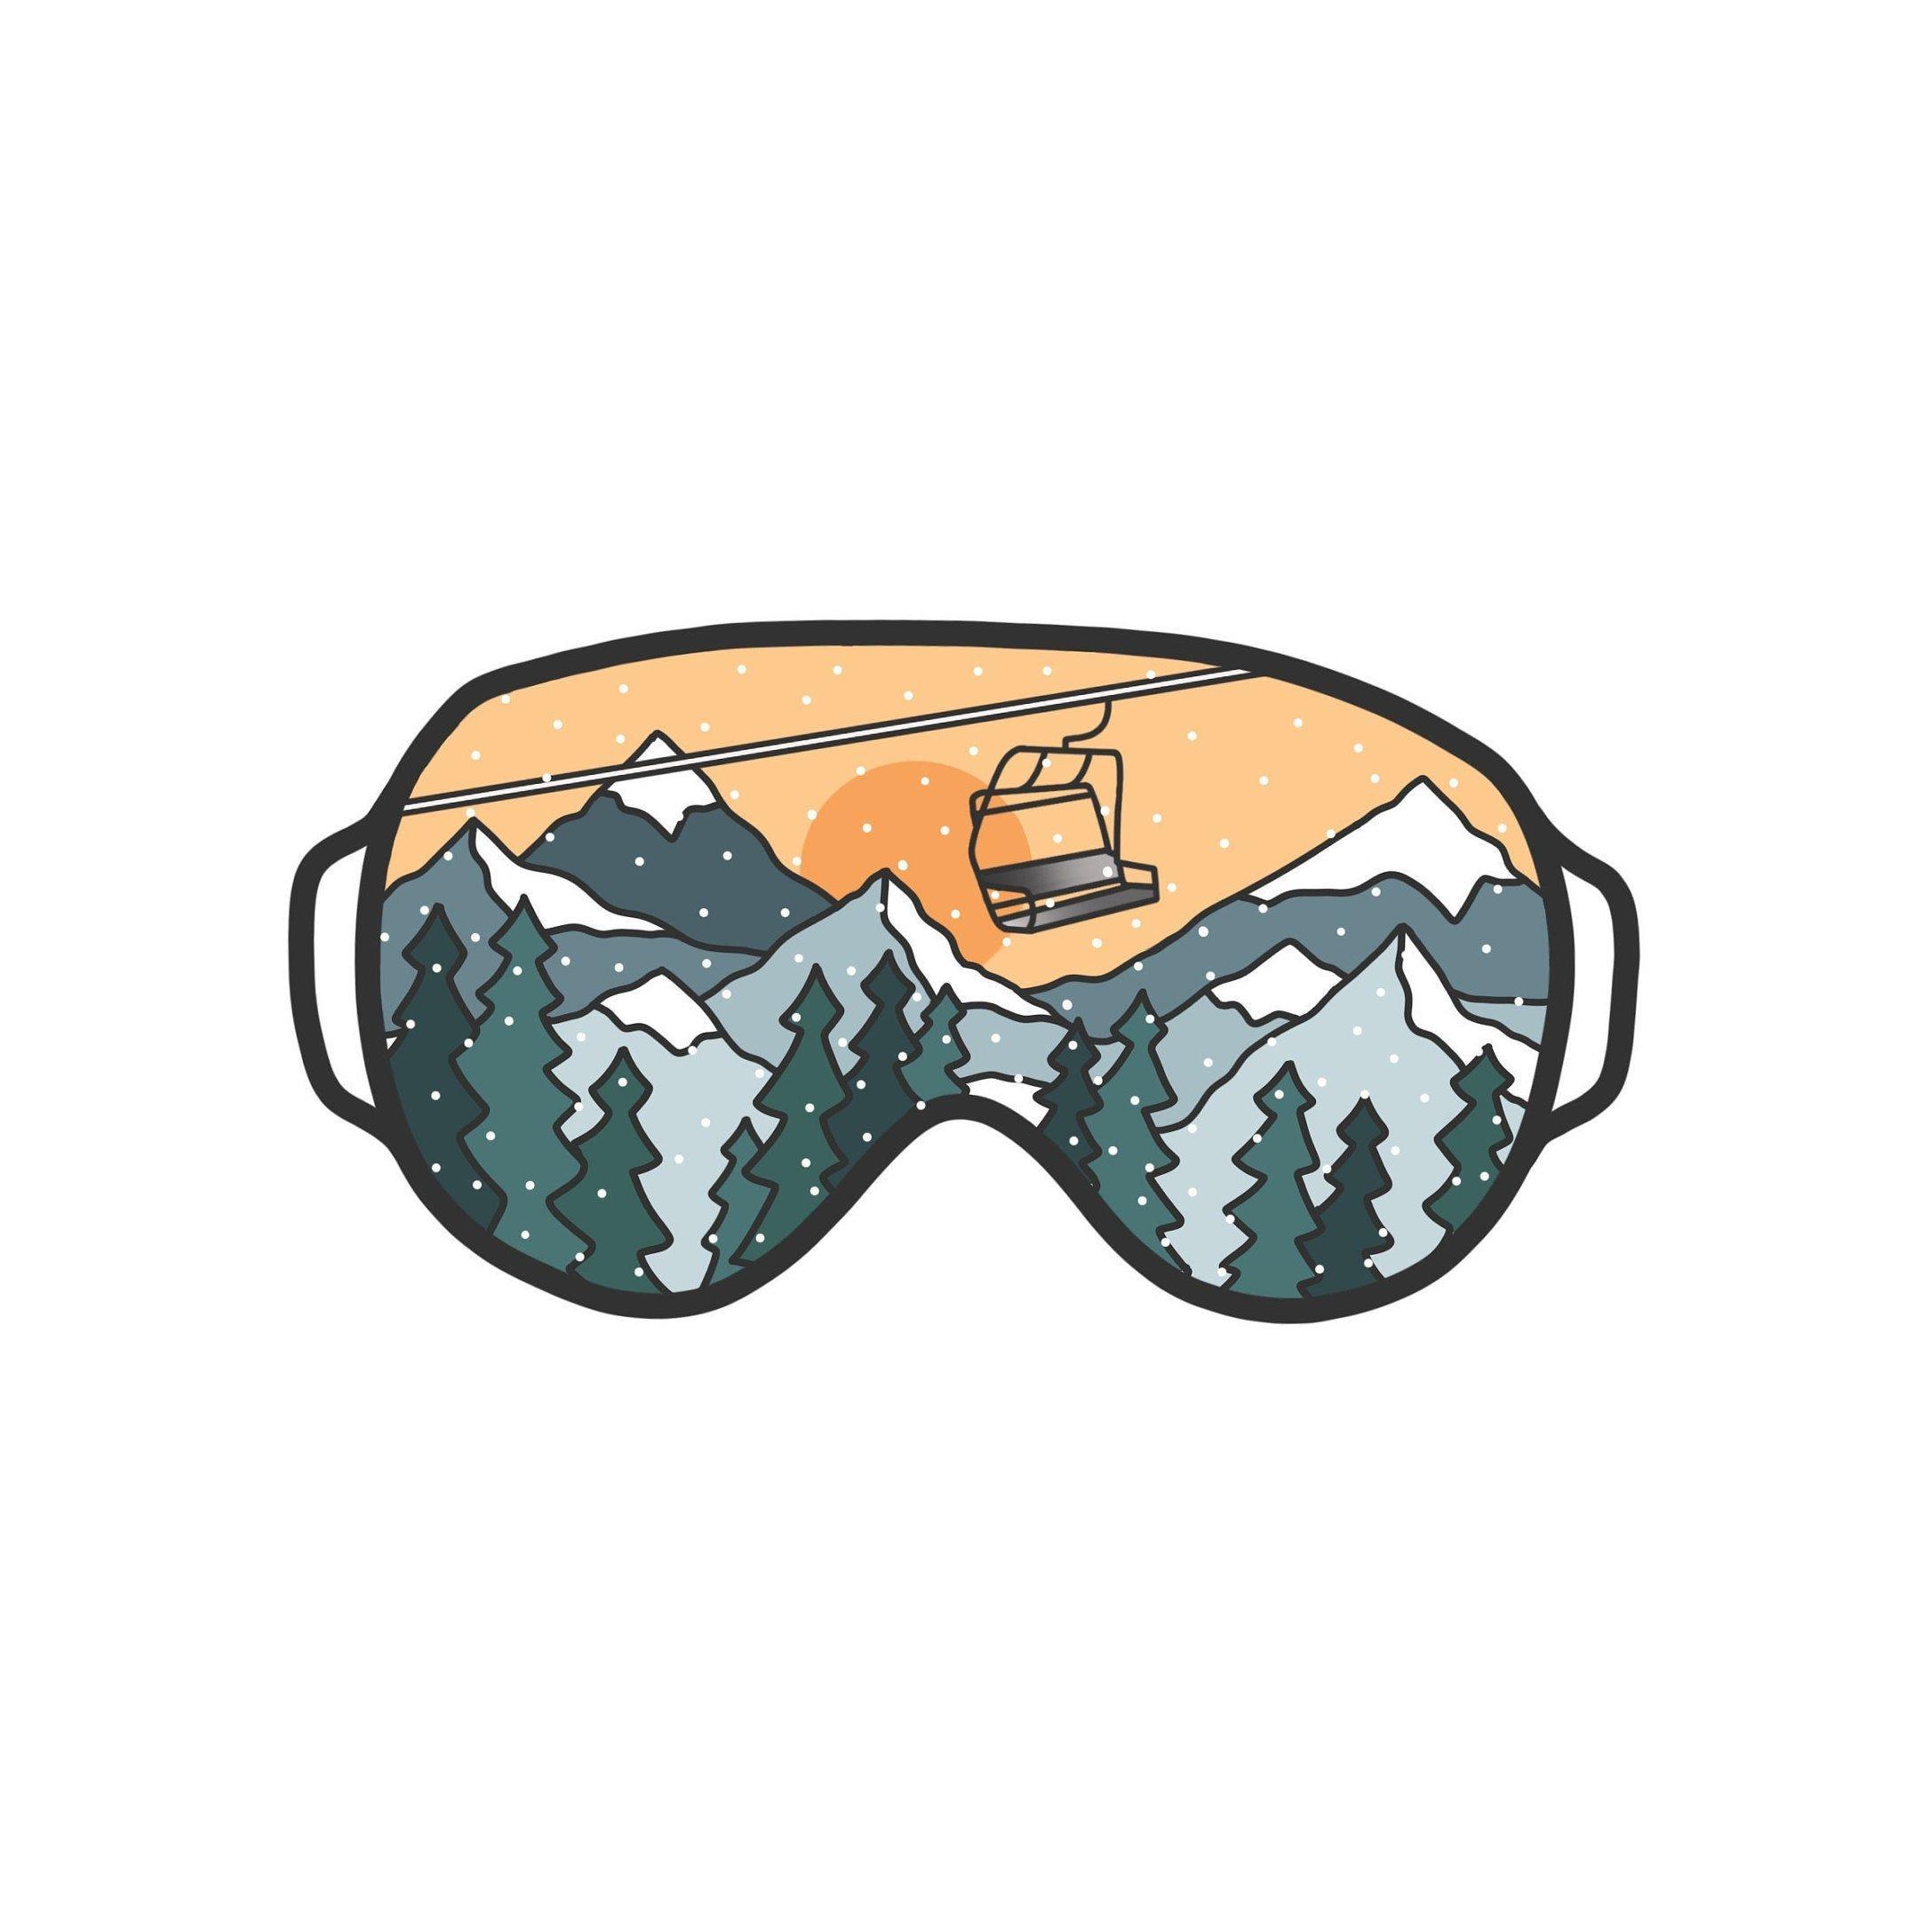 Snow Goggle Stickers Ski Snowboard Mountain Scene Etsy Ski Drawing Ski Art Skiing [ 2174 x 2172 Pixel ]